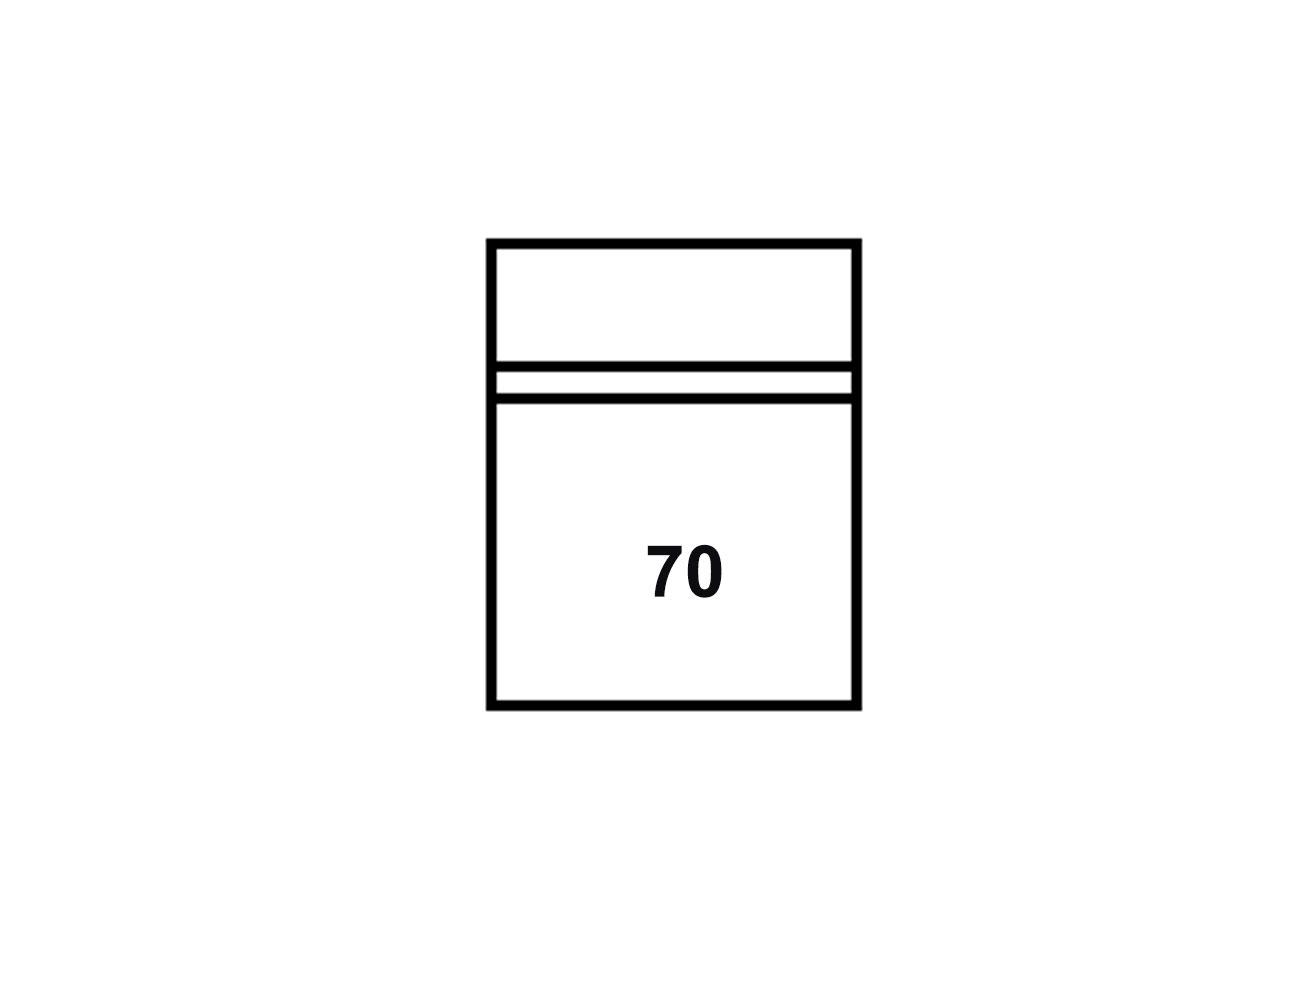 Modulo 1p 701